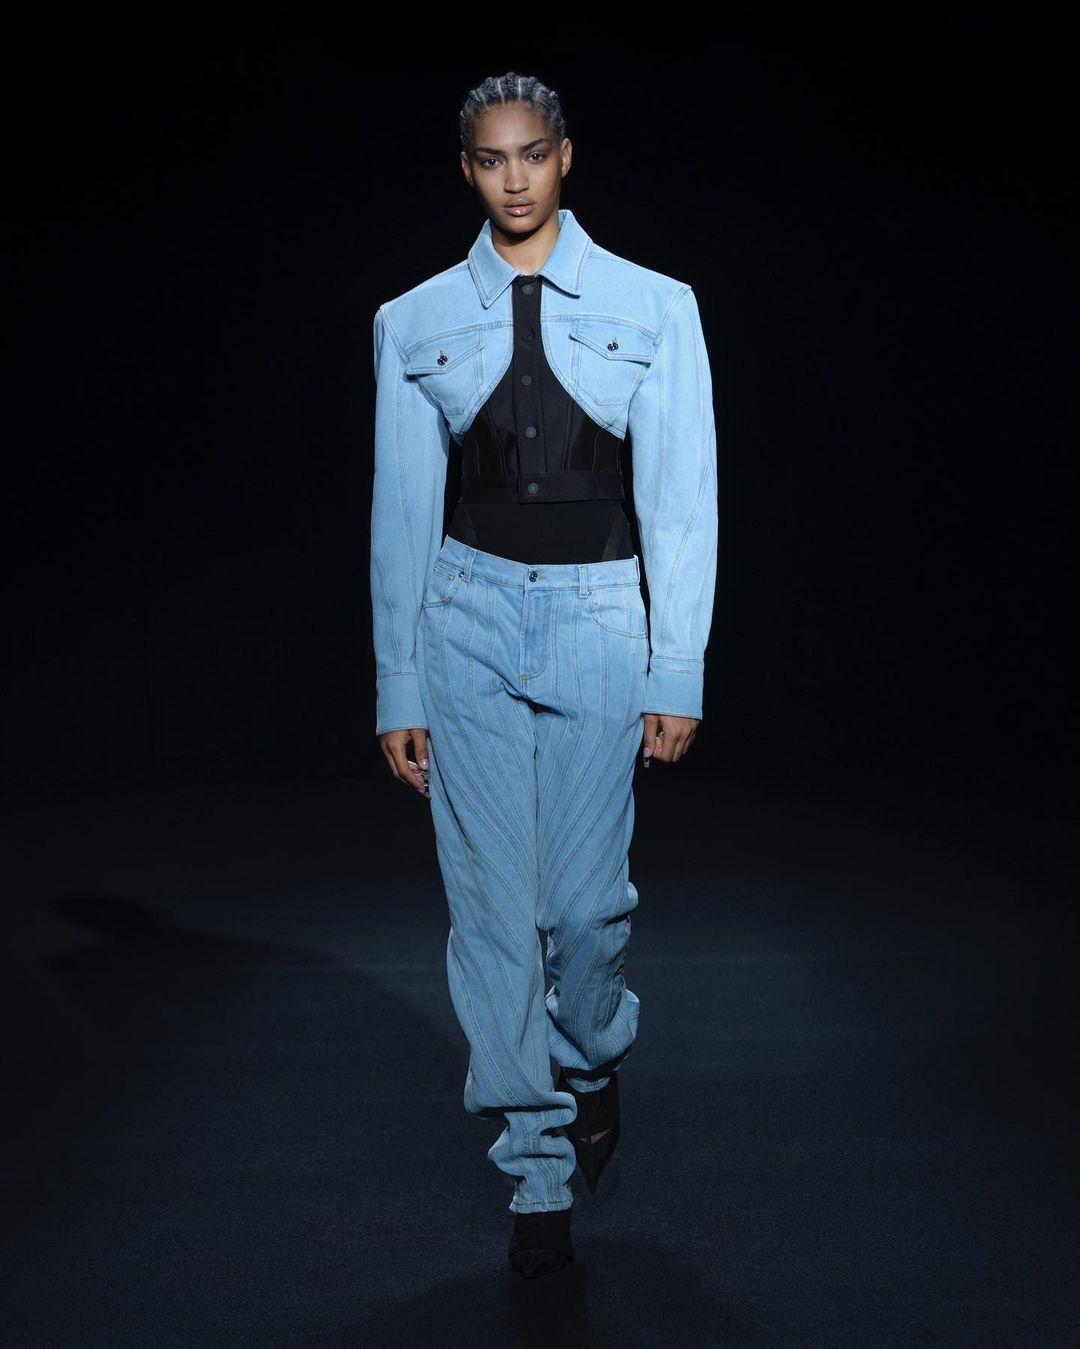 Liệu công nghệ NFT tỷ đô la có chiếm lĩnh ngành thời trang? - 4